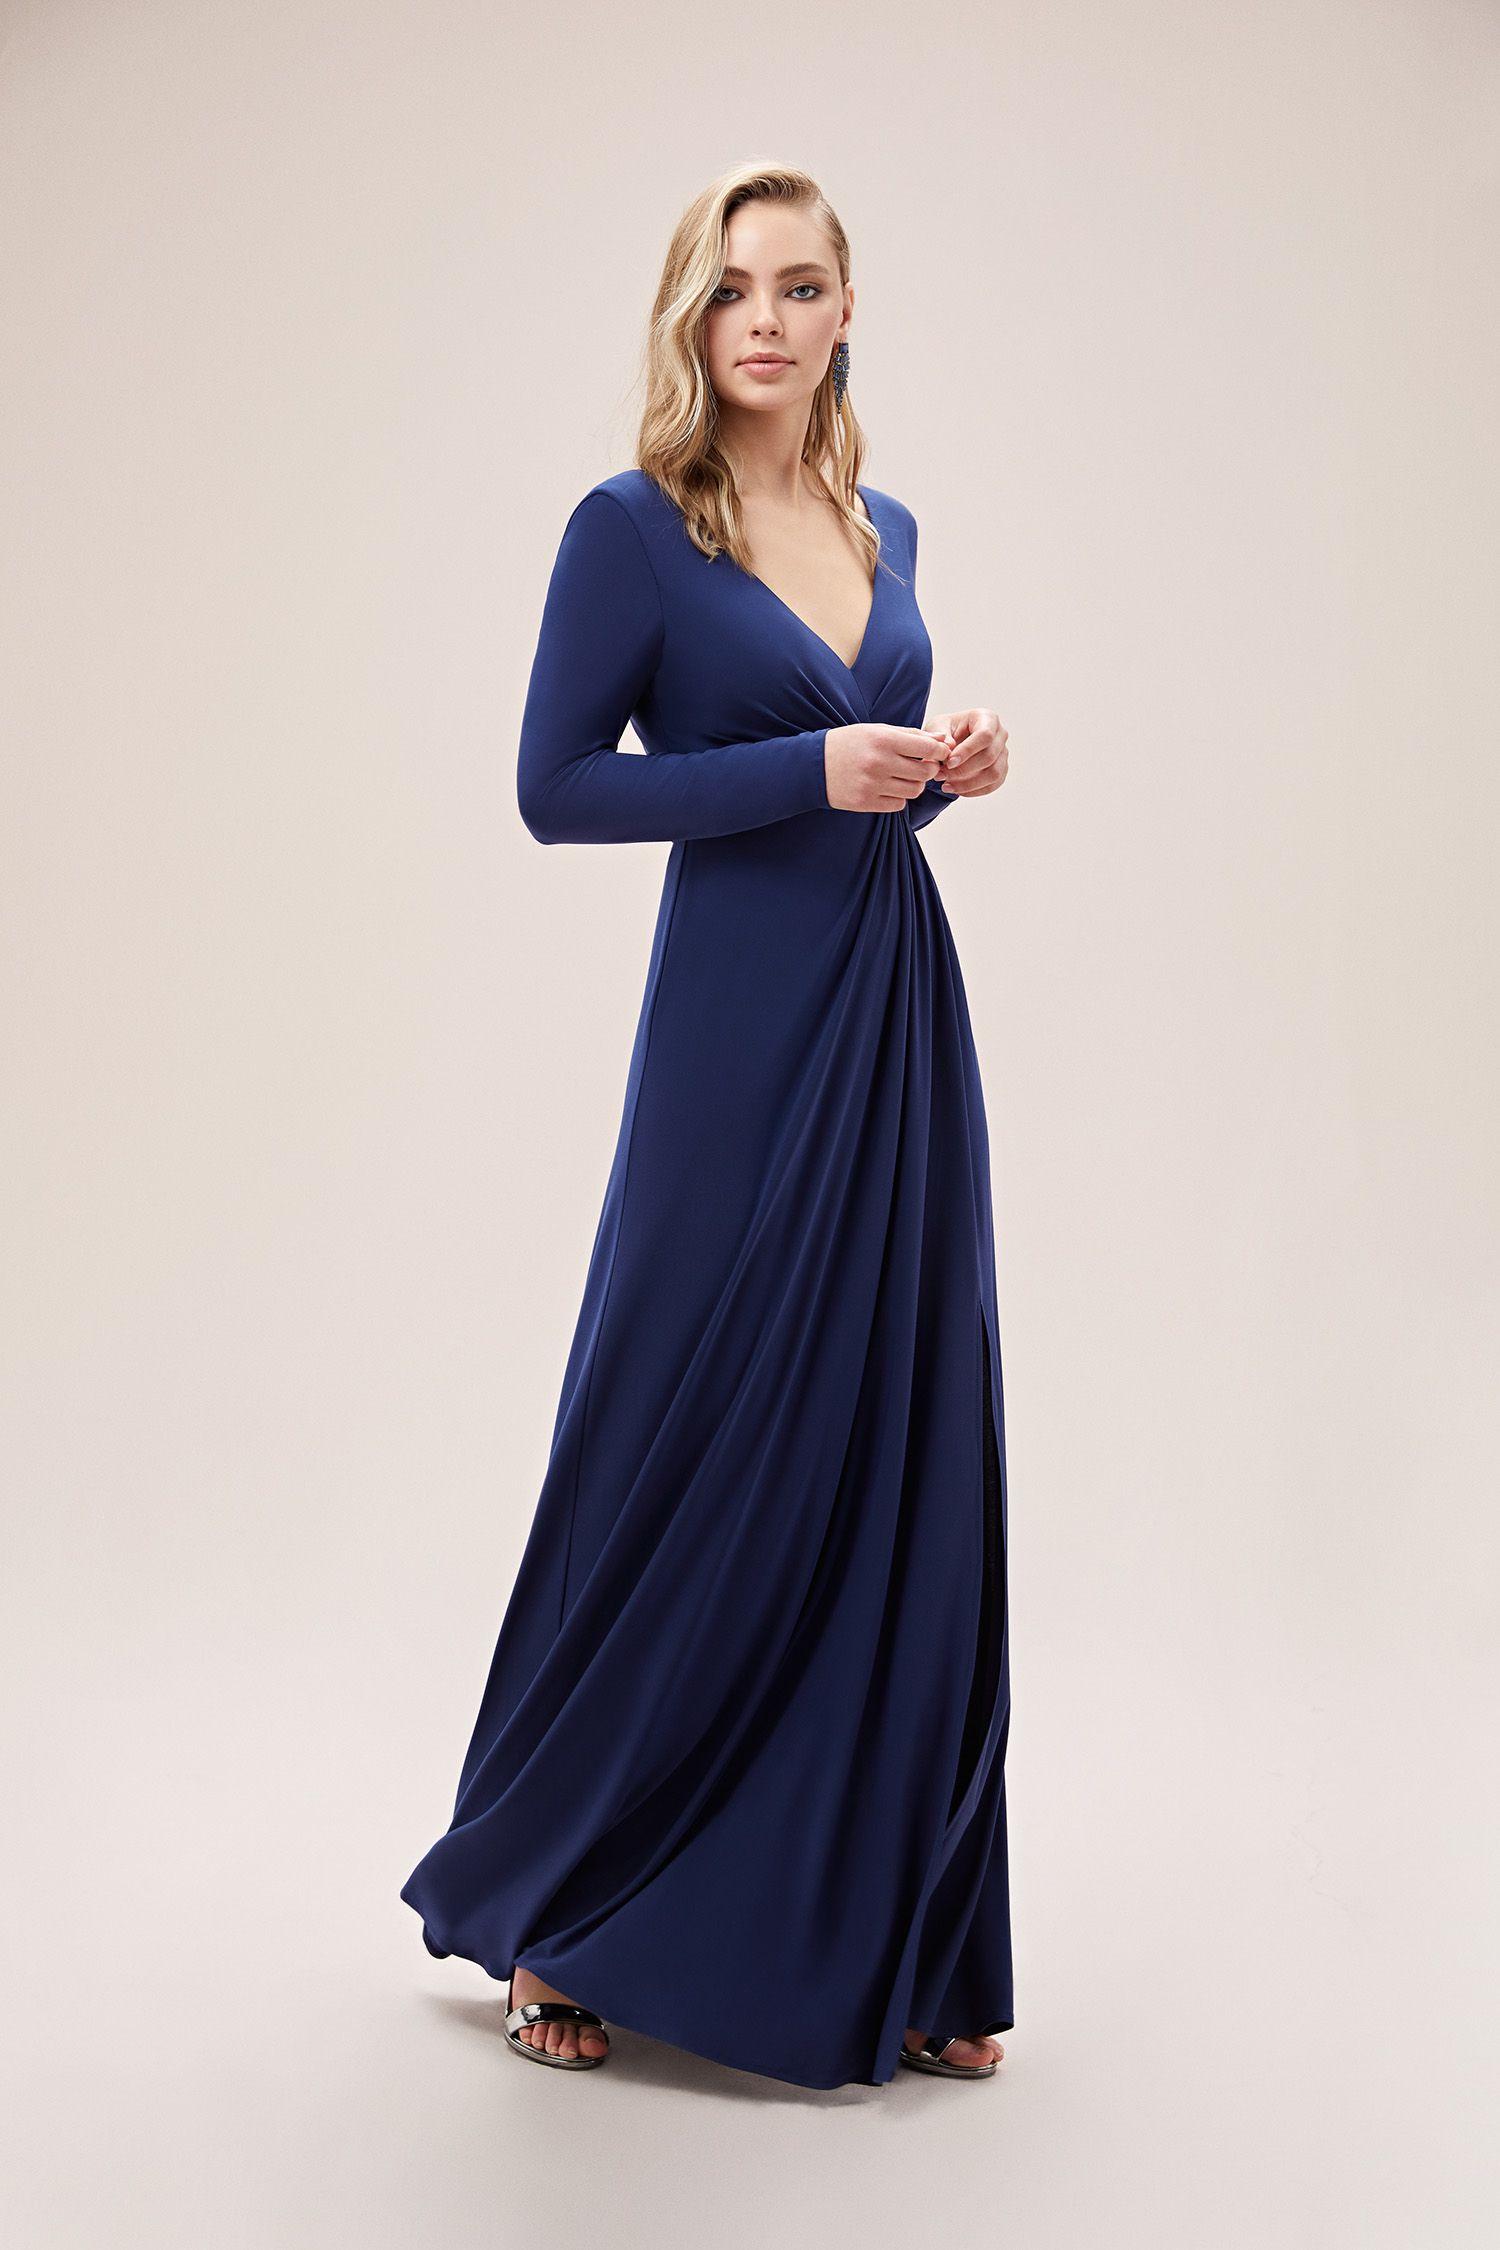 Gece Mavisi Uzun Kollu V Yaka Uzun Jarse Abiye Elbise Oleg Cassini 2020 Elbise Uzun Kollu Moda Stilleri